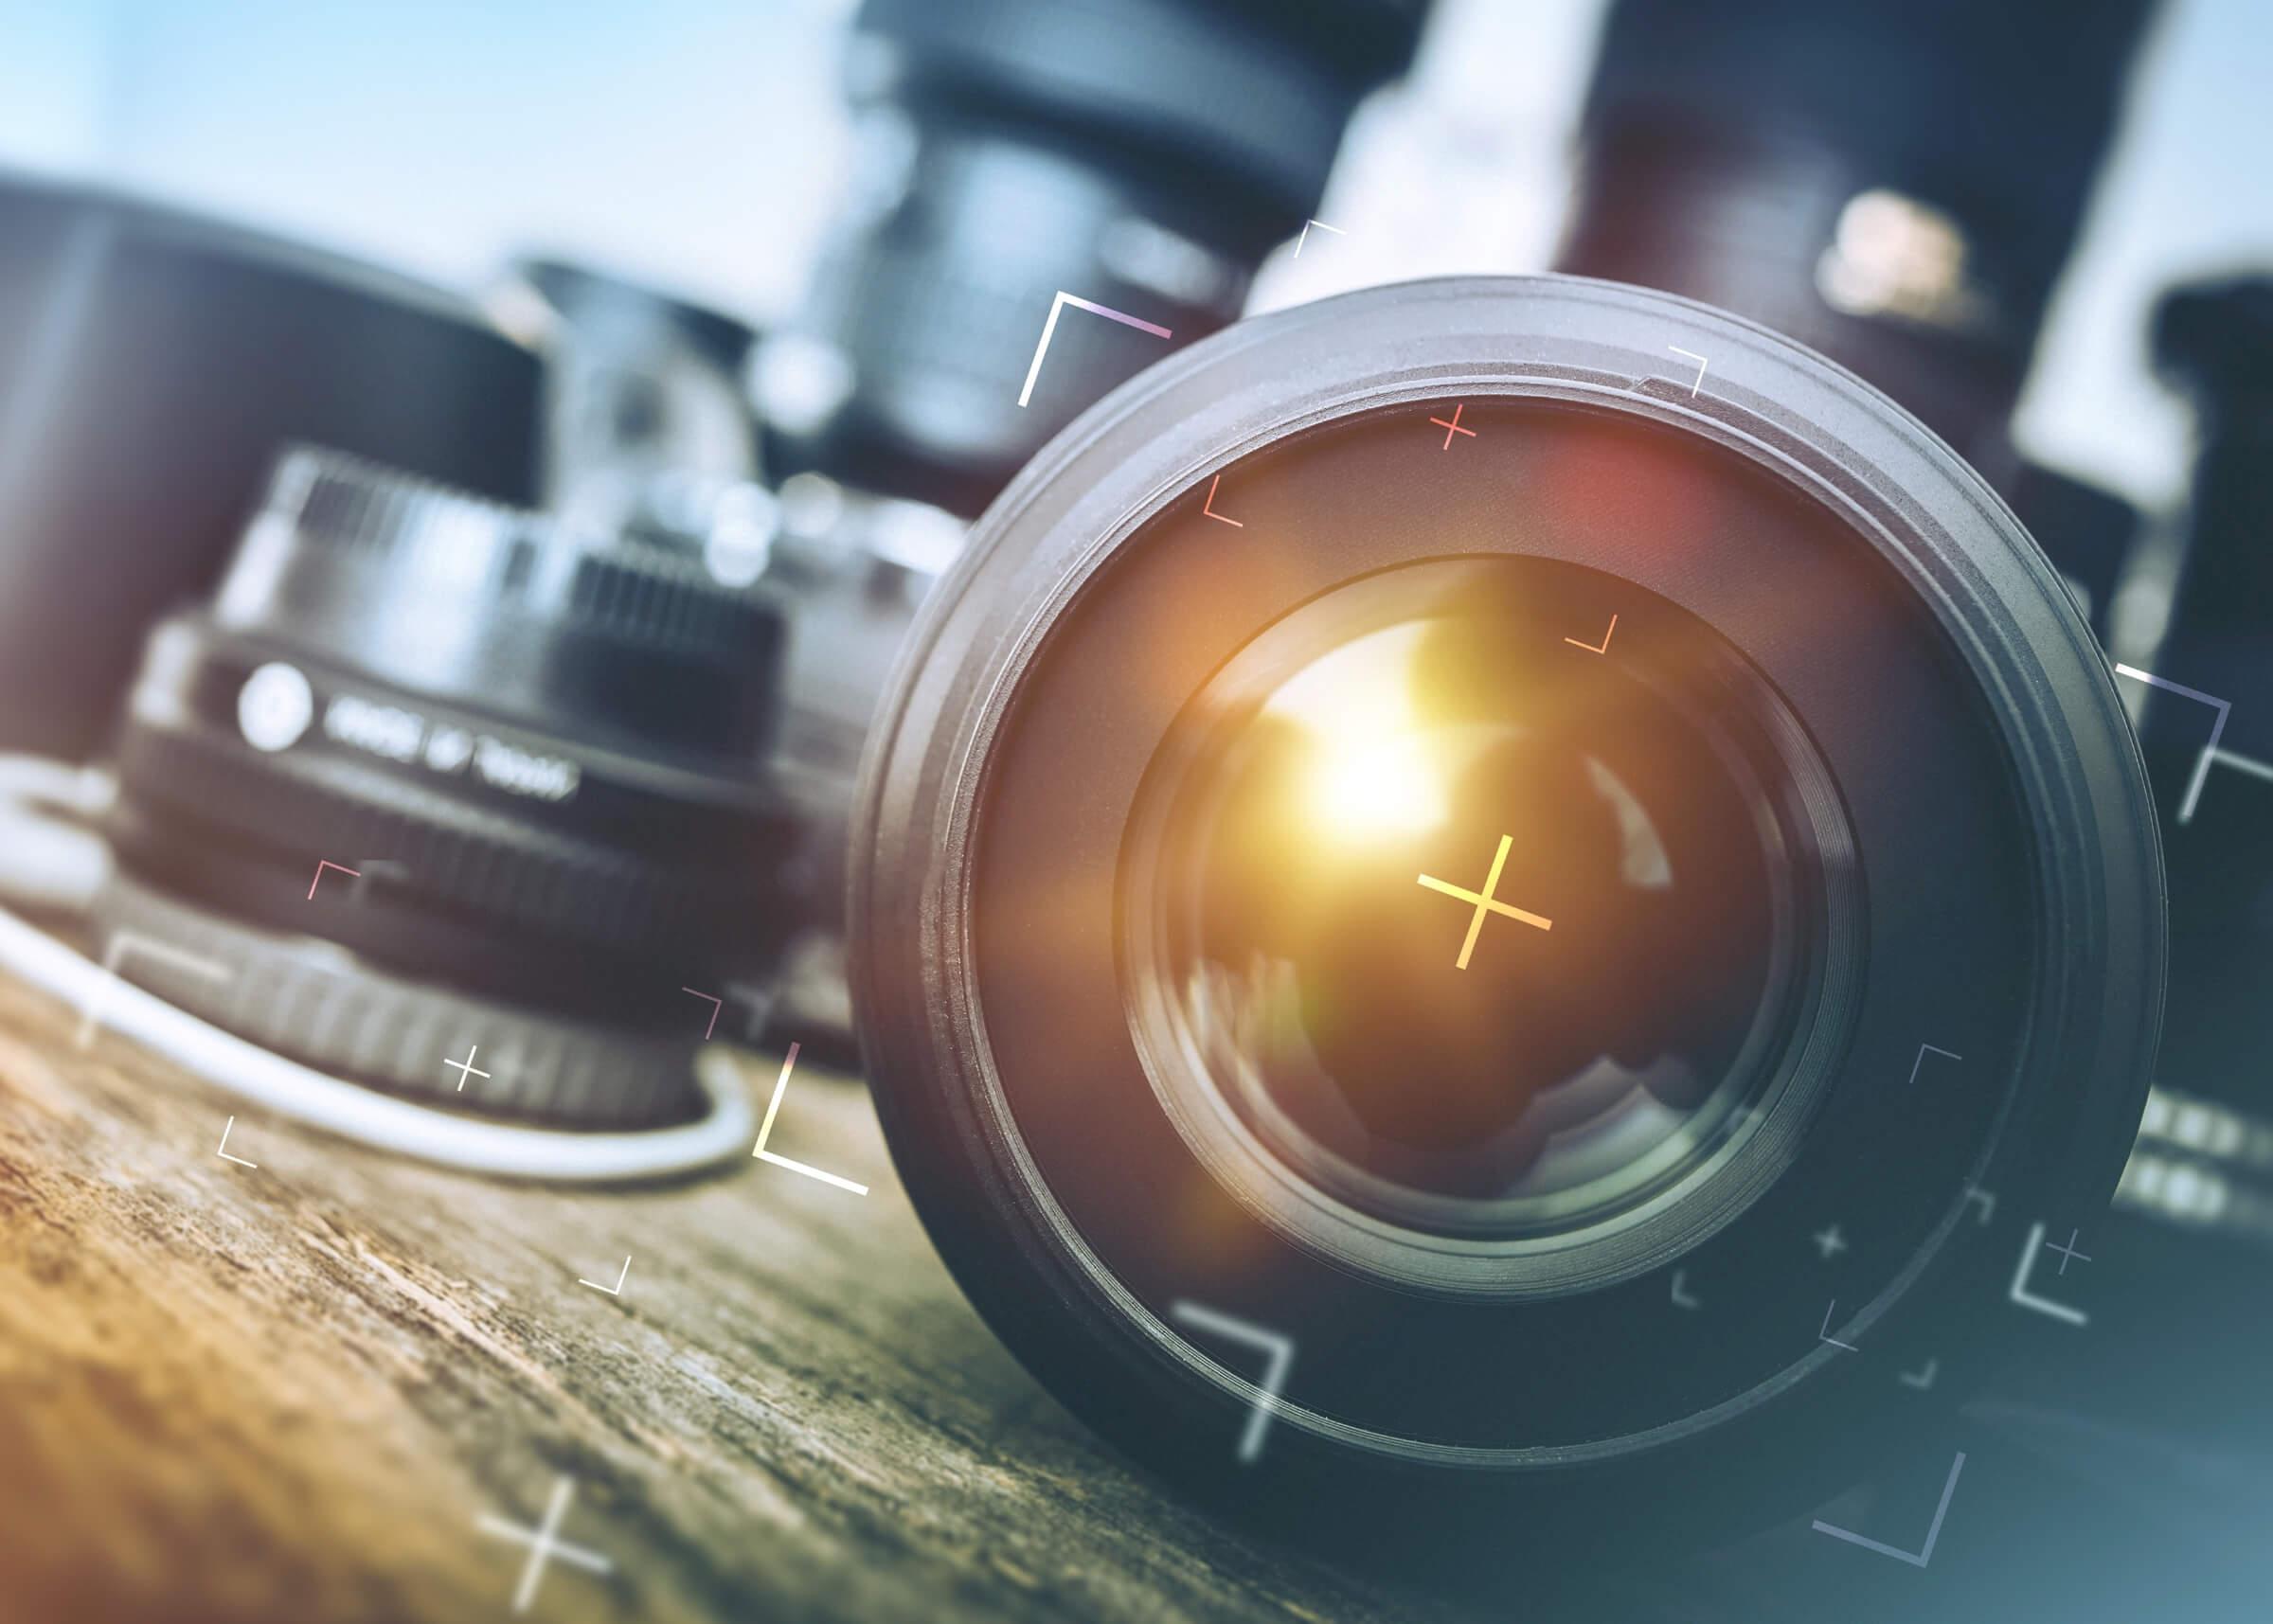 objectif d'appareil photo en gros plan avec d'autres objectifs et appareils photo en arrière-plan